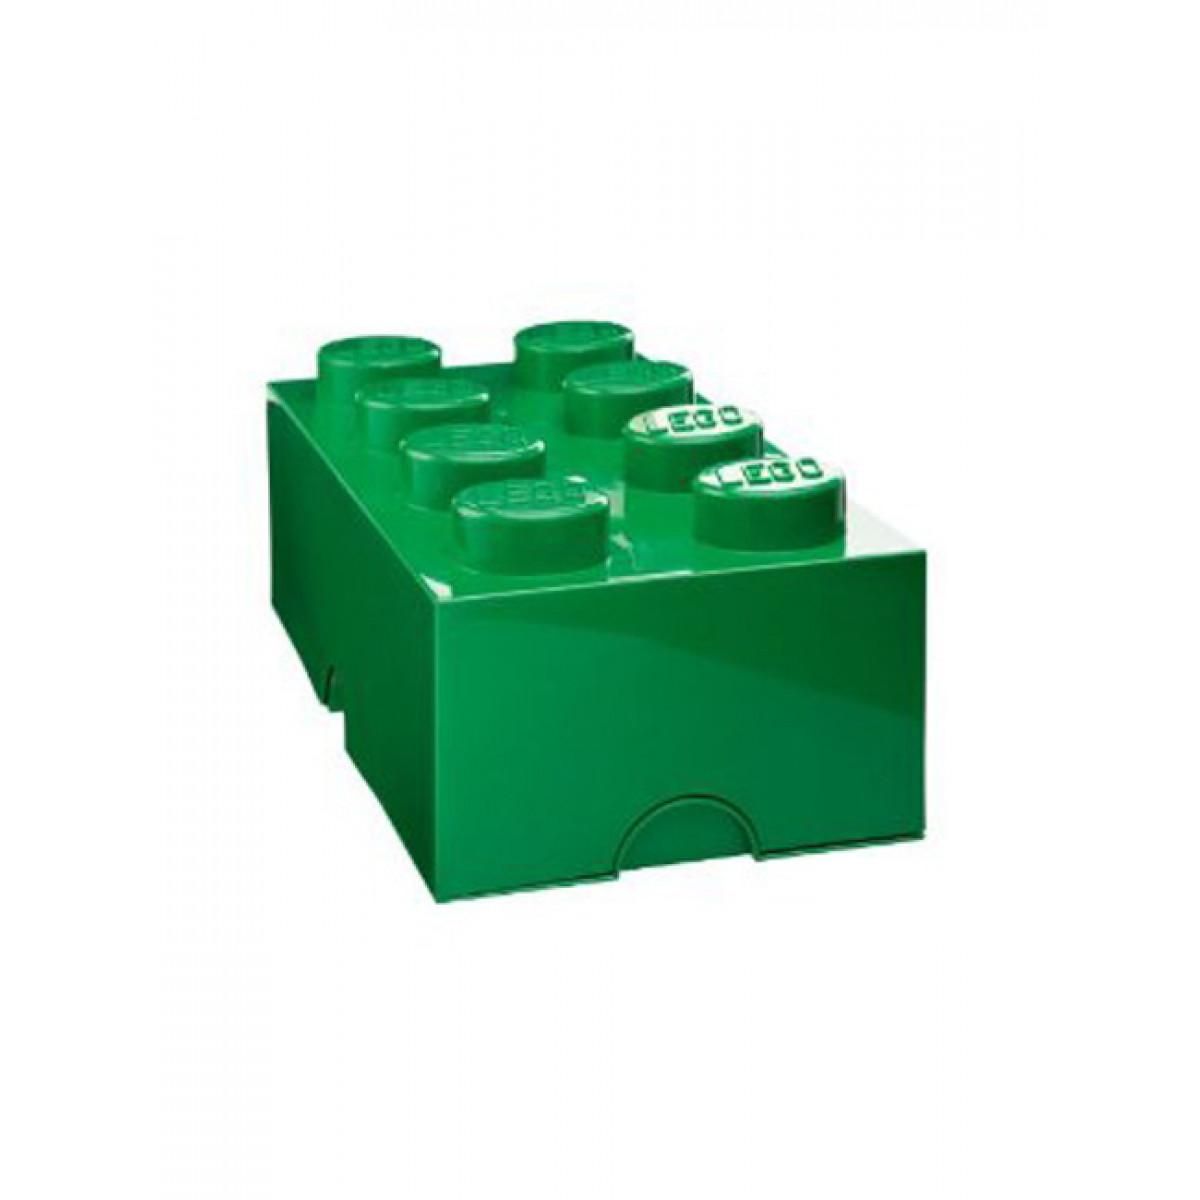 Lego Lunch Storage Box